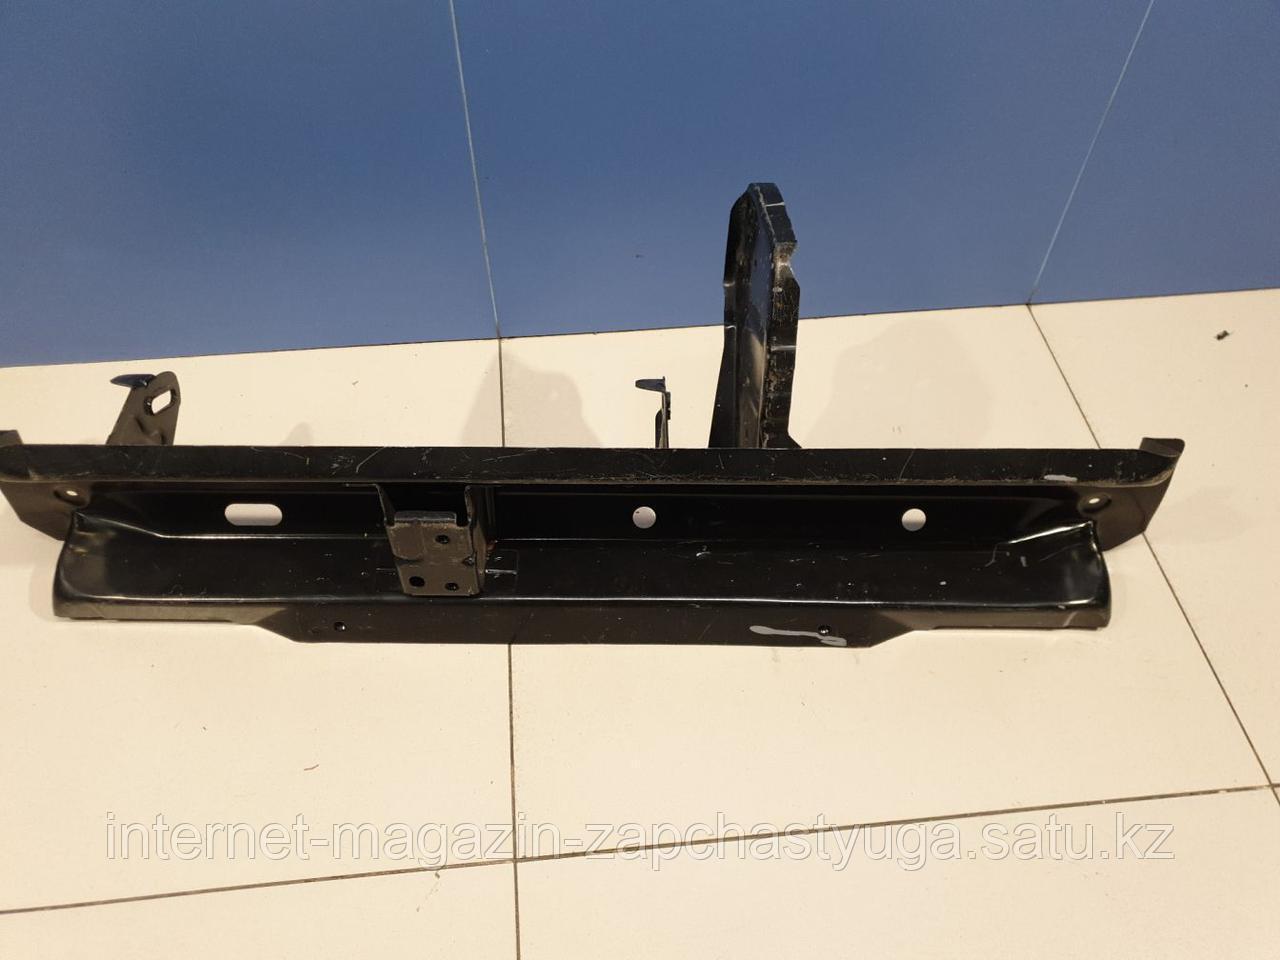 756509168R Поперечина кузова задняя для Renault Logan 2005-2014 Б/У - фото 5